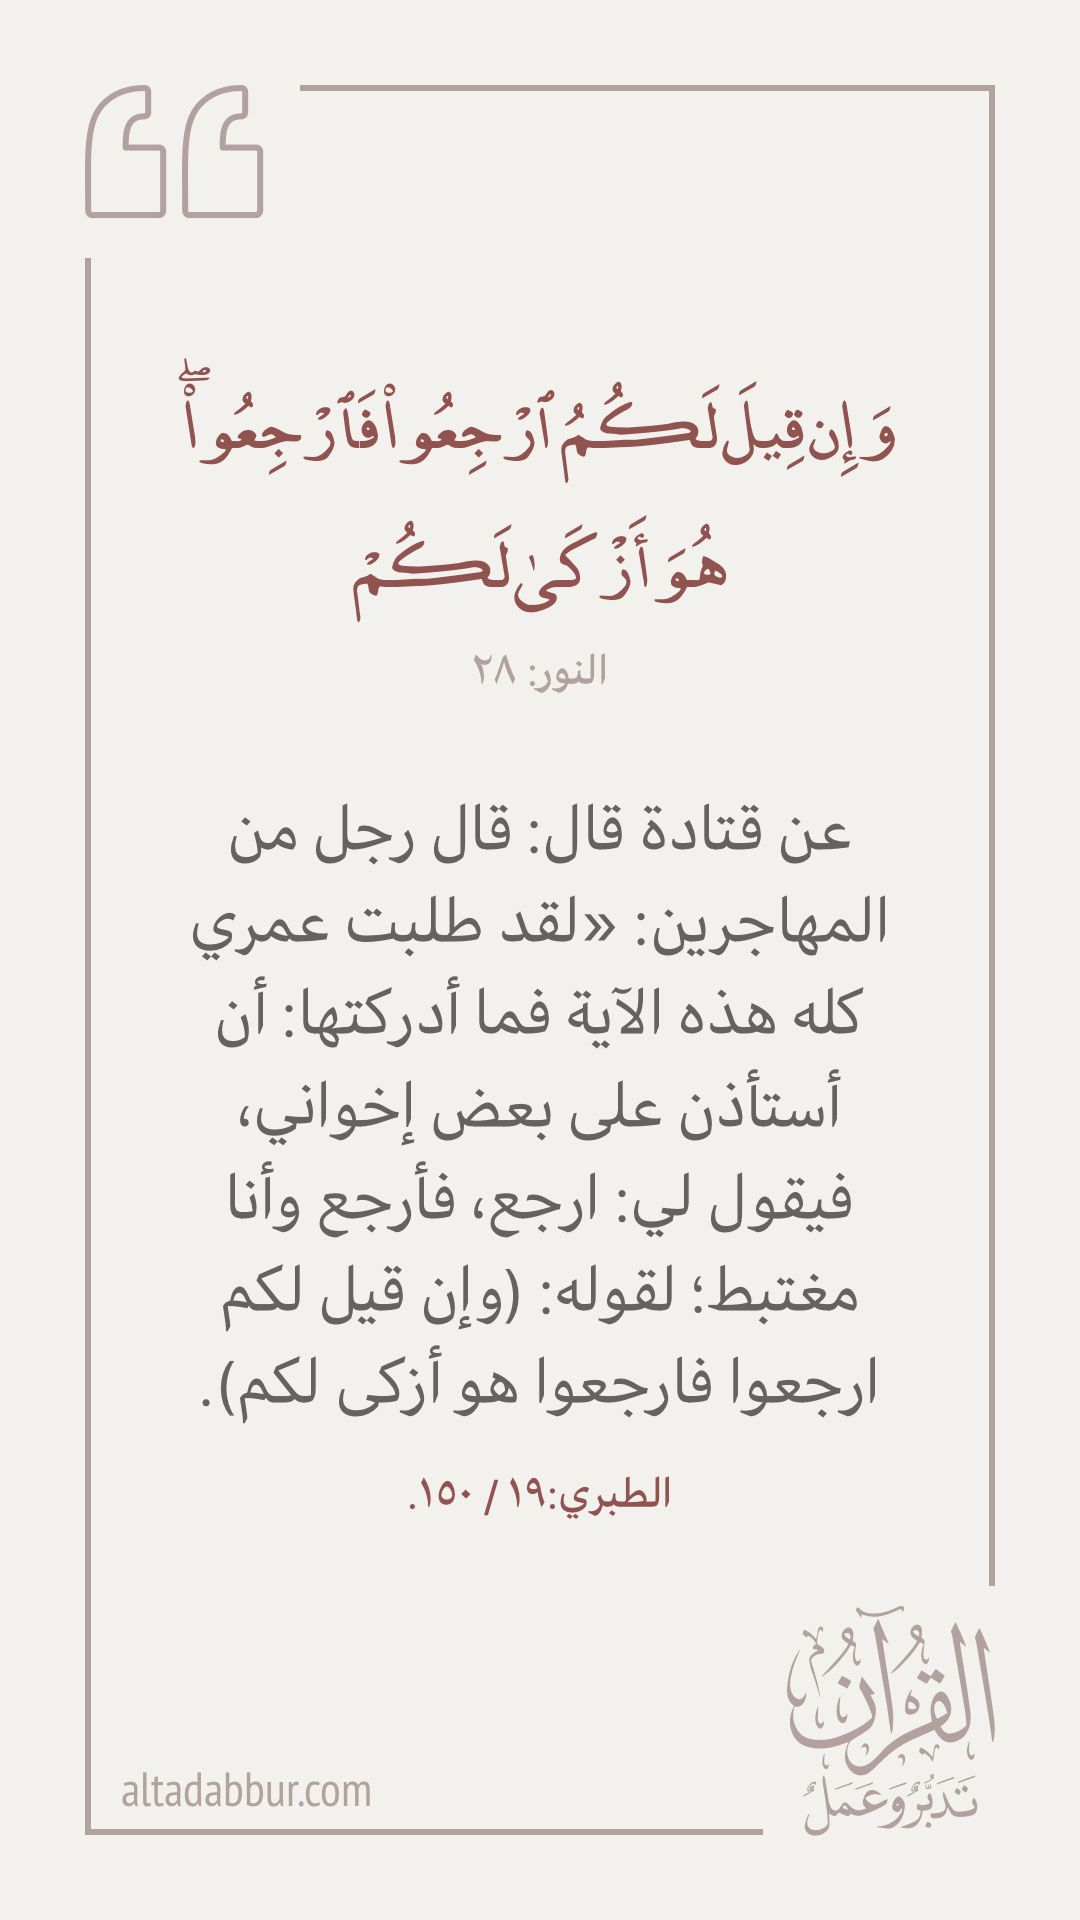 تأصيل الآداب ومكارم الأخلاق في الإسلام وربطها بالثواب الجزيل Quotes Arabic Quotes Verses